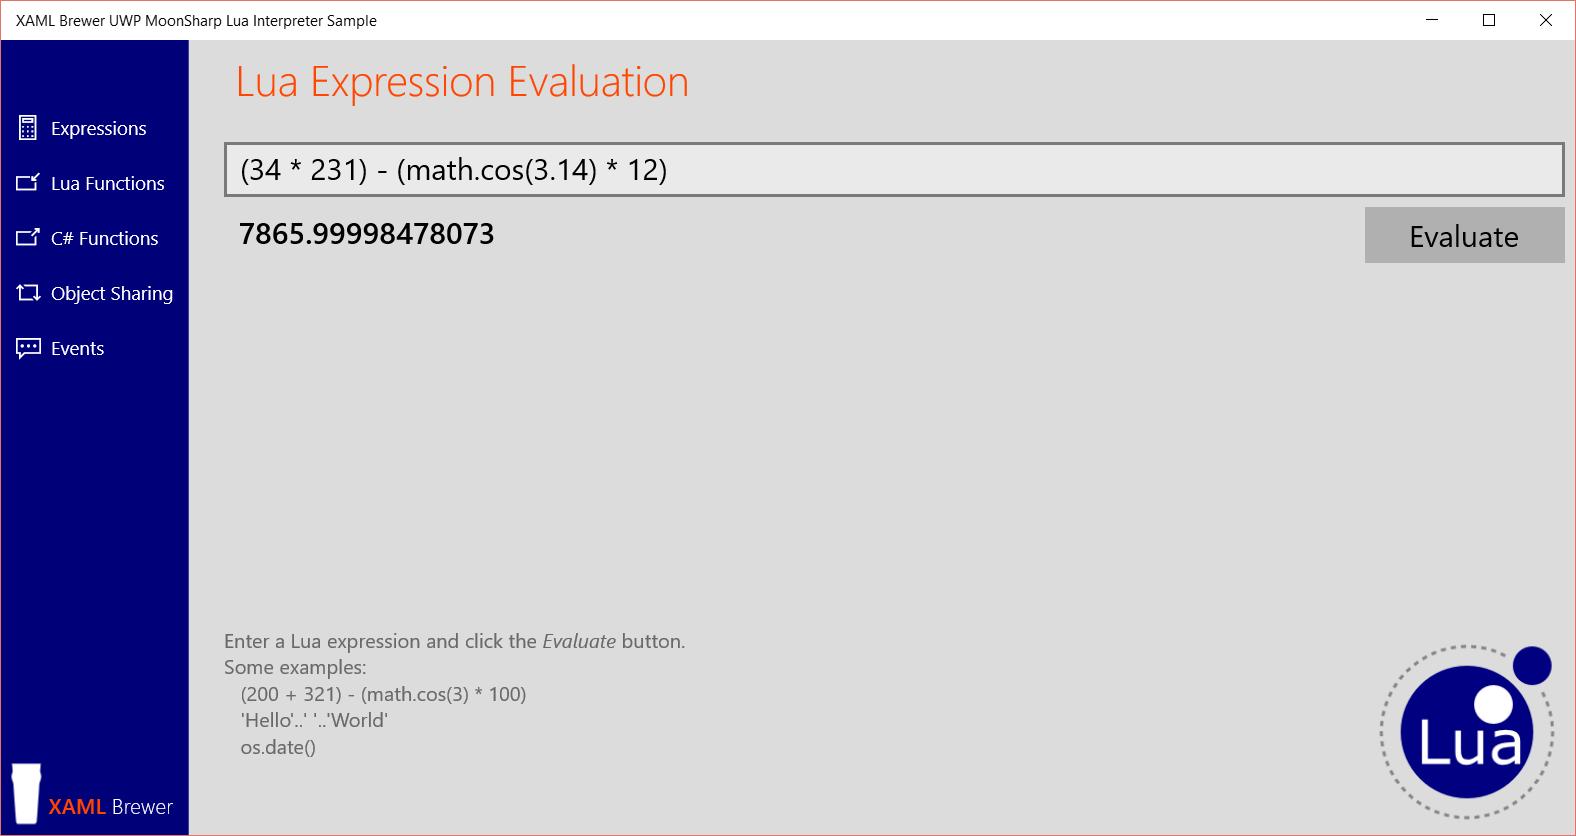 LuaExpression